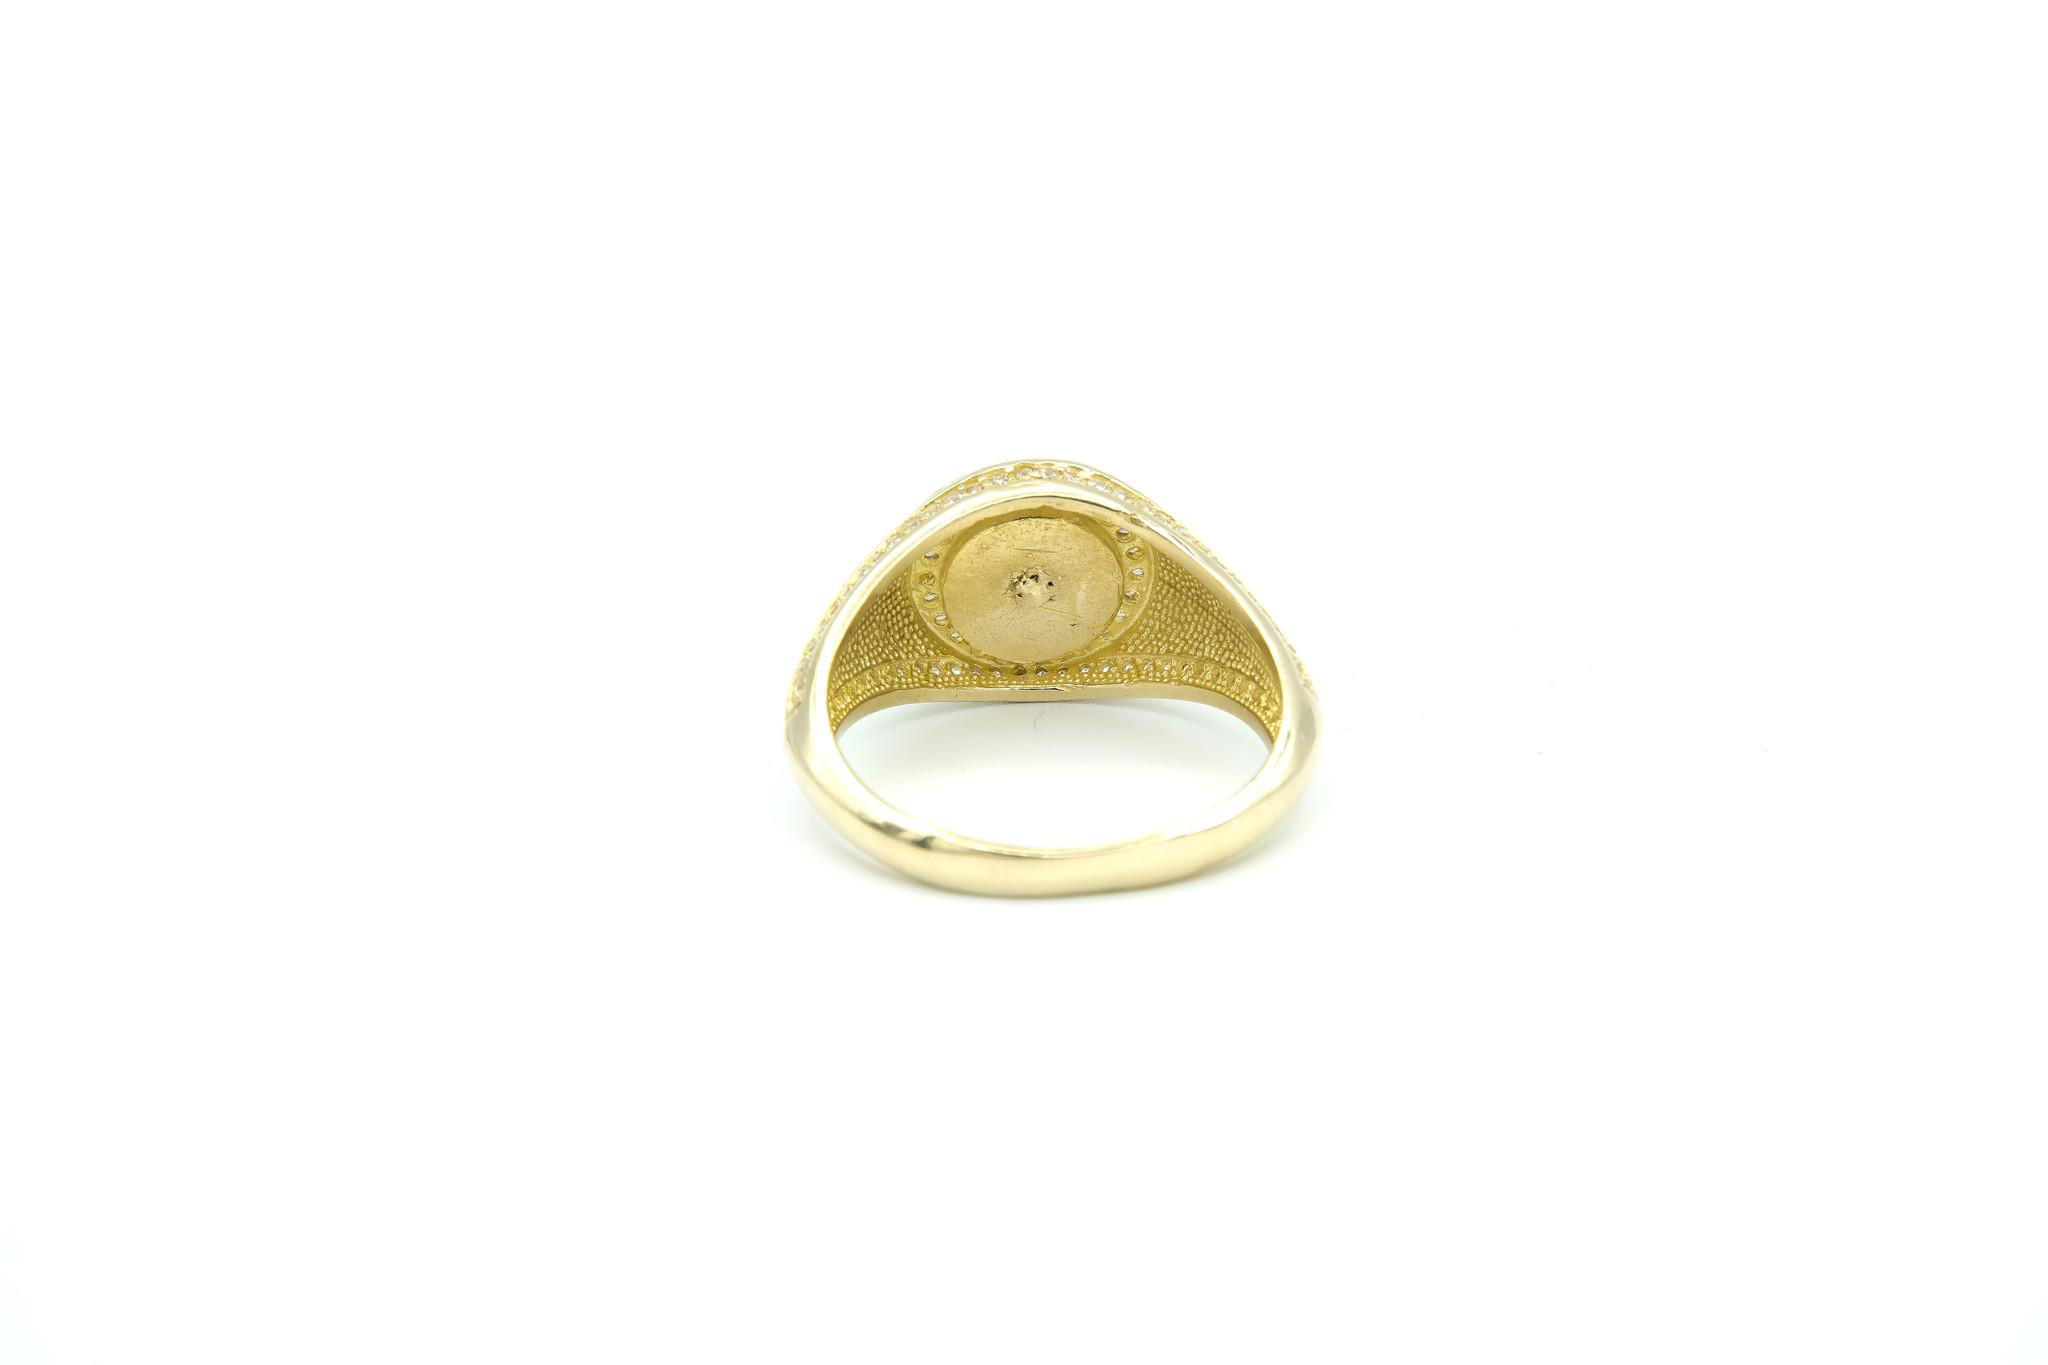 Ring kroontje op ronde zwarte achtergrond en zirkonia's op randen-5